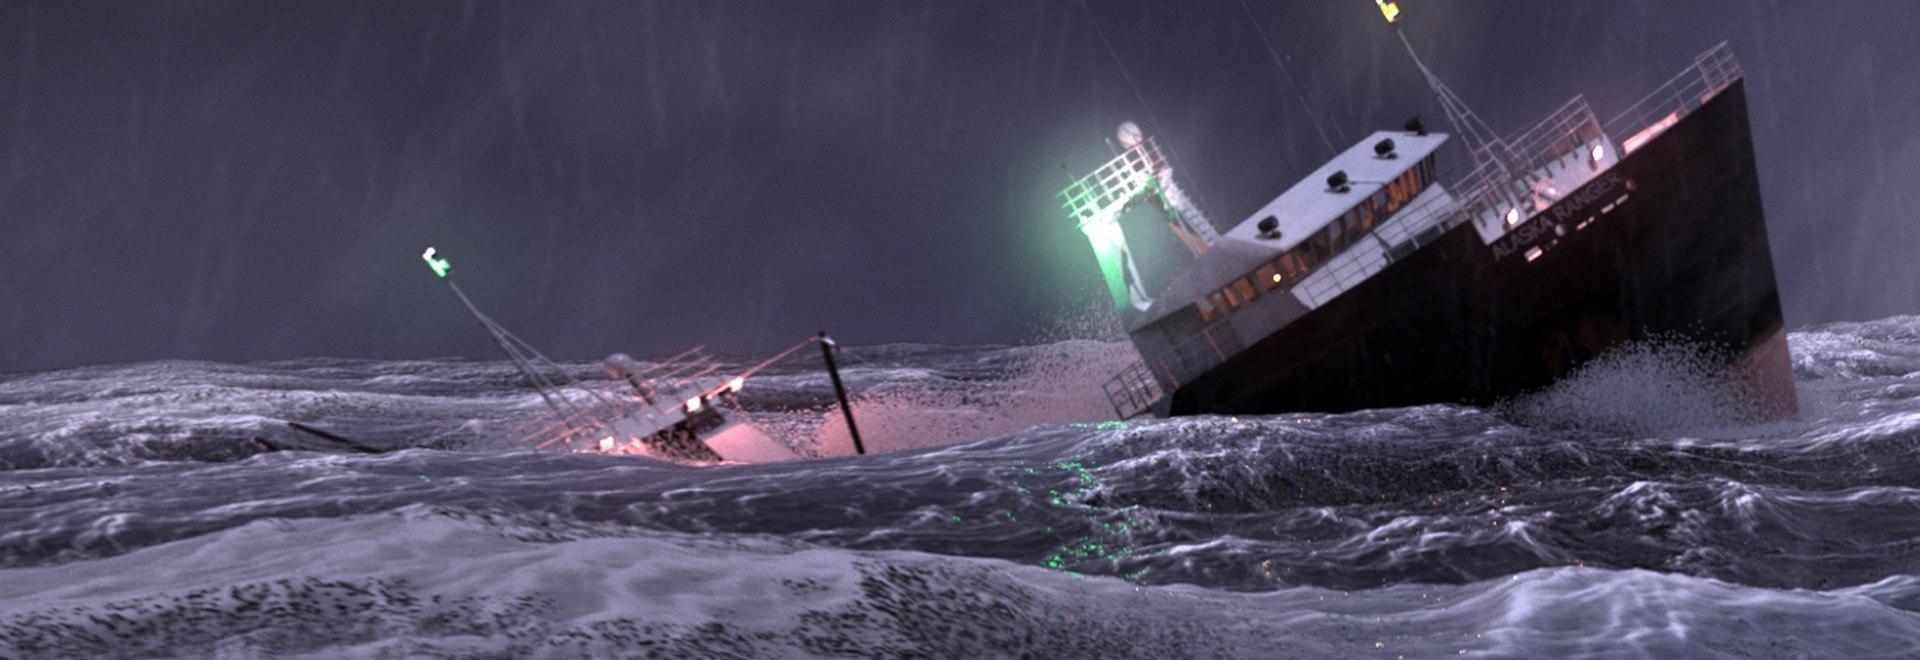 Indagini sotto i mari